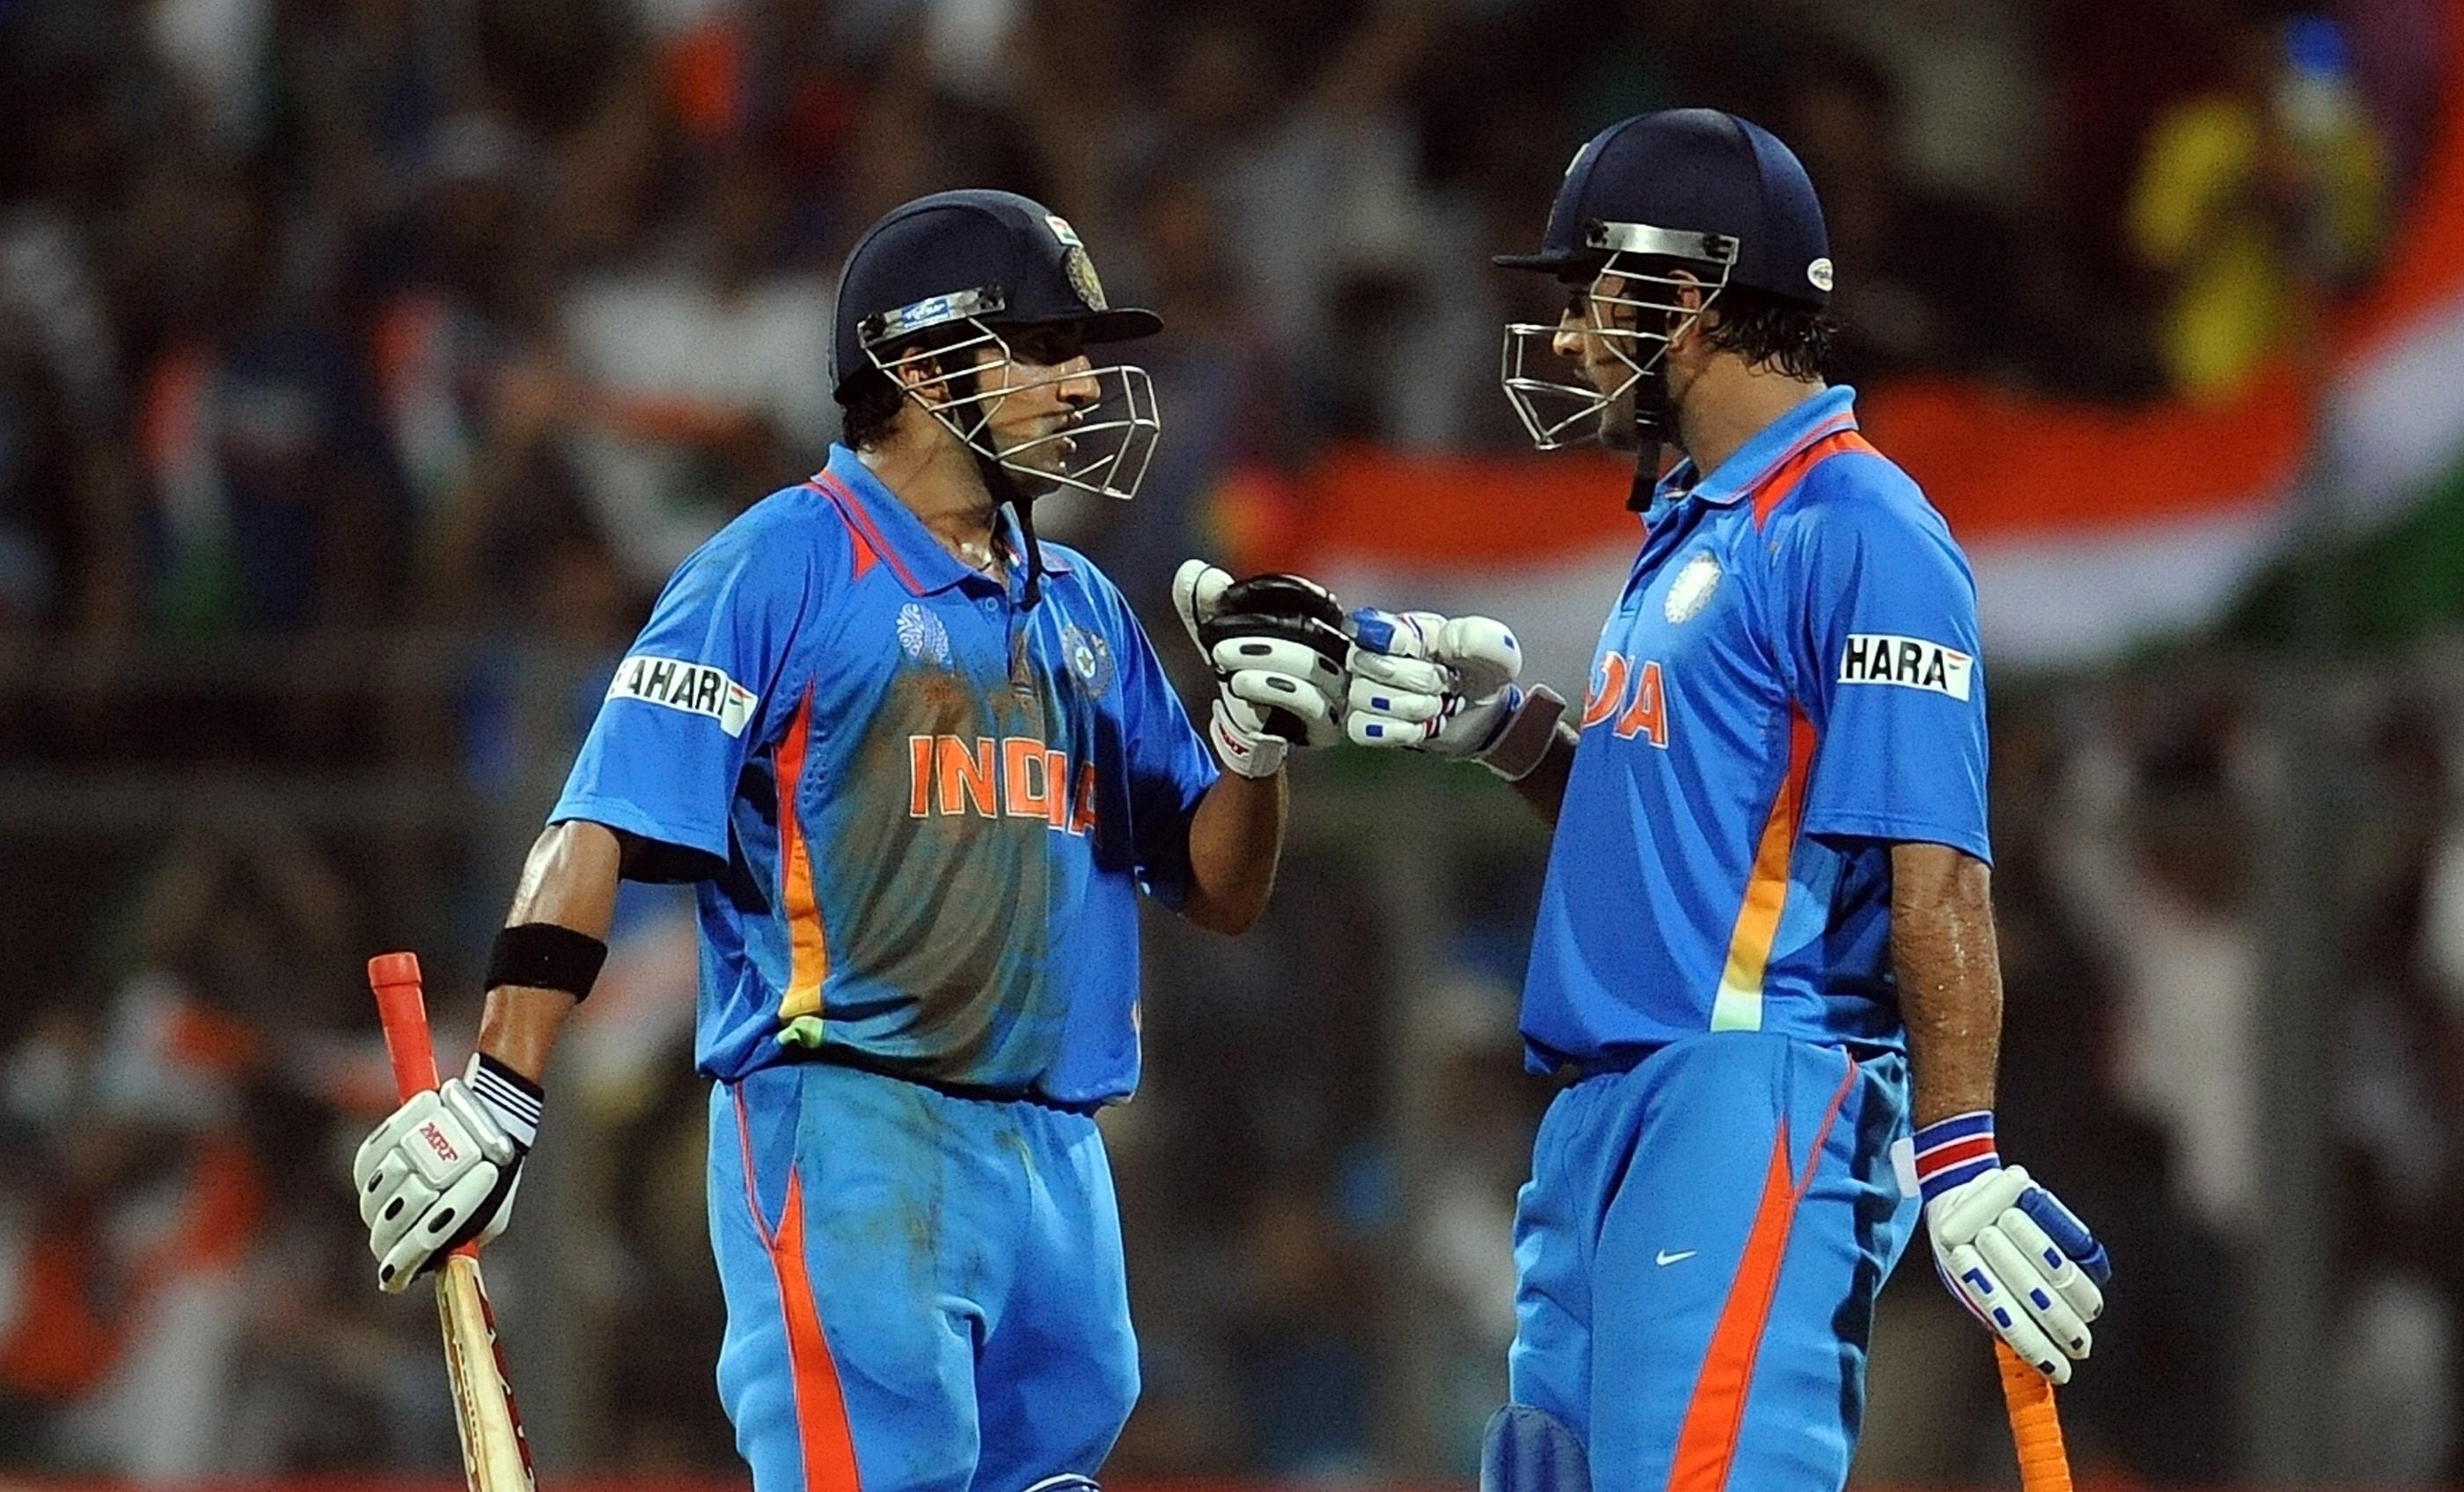 5 भारतीय खिलाड़ियों की पारियां जिसमें नहीं बना शतक लेकिन वो बन गयी यादगार 1